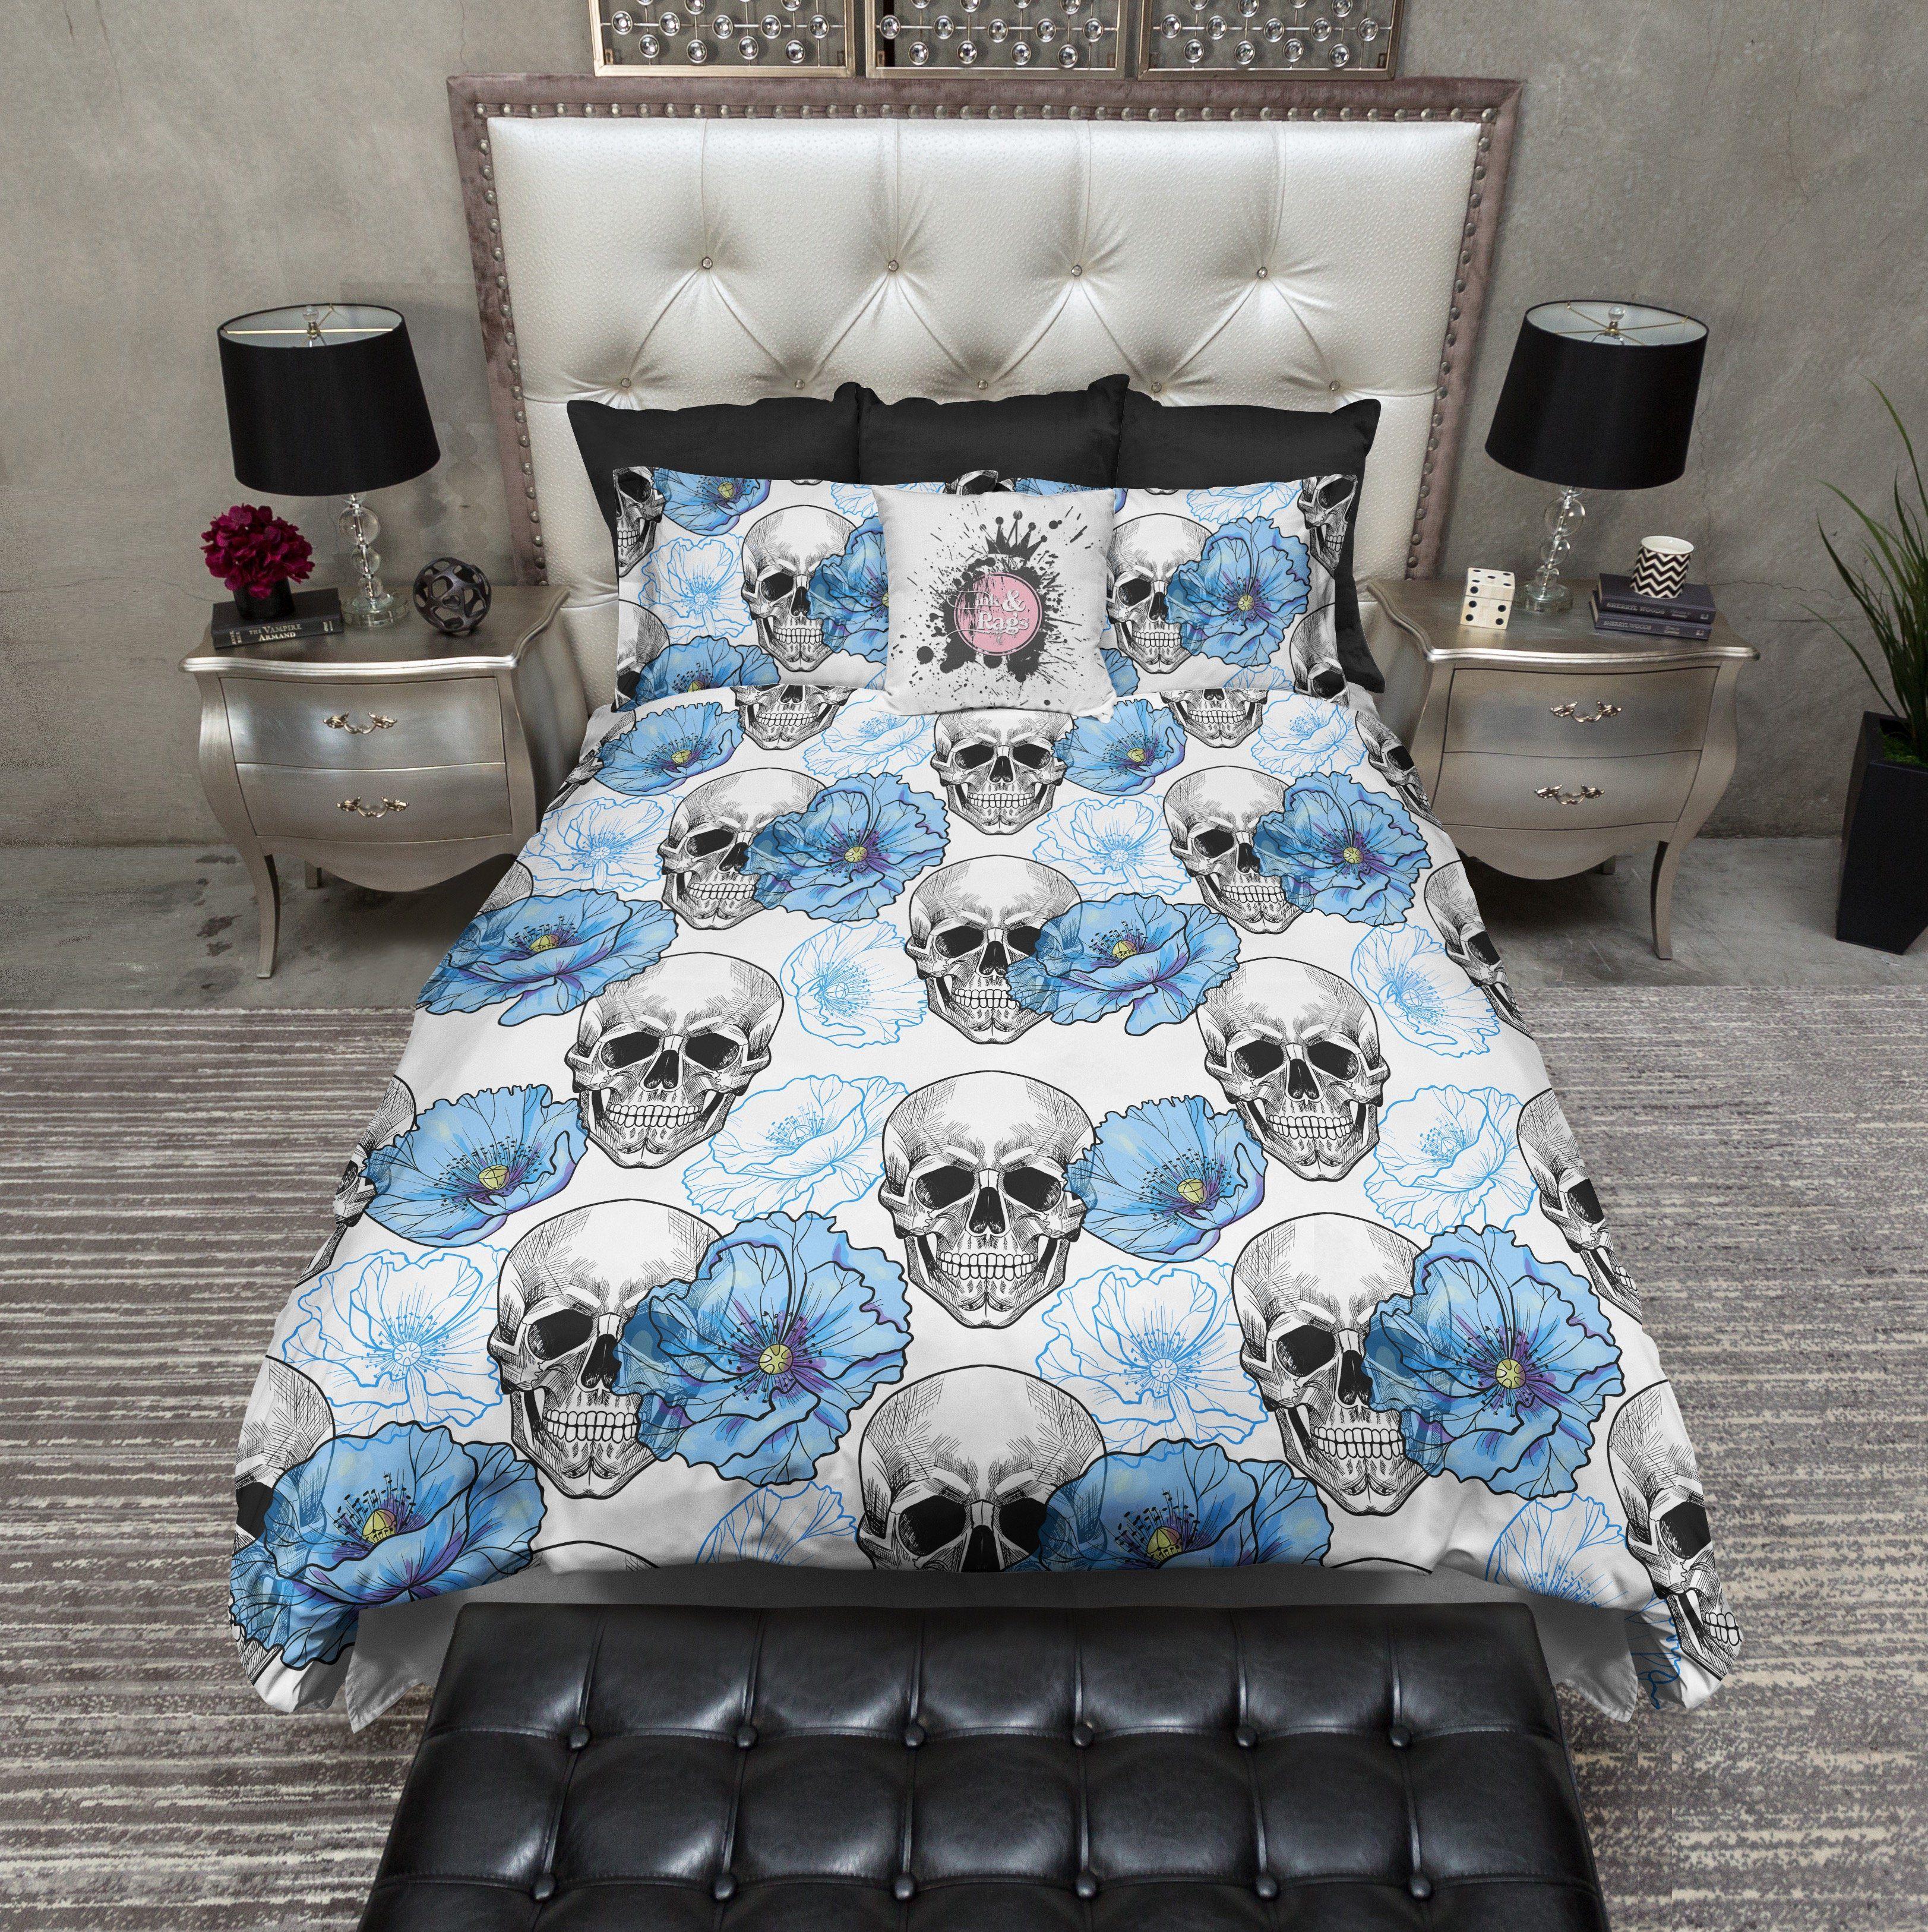 Blue Poppy on White Skull Bedding Duvet bedding sets